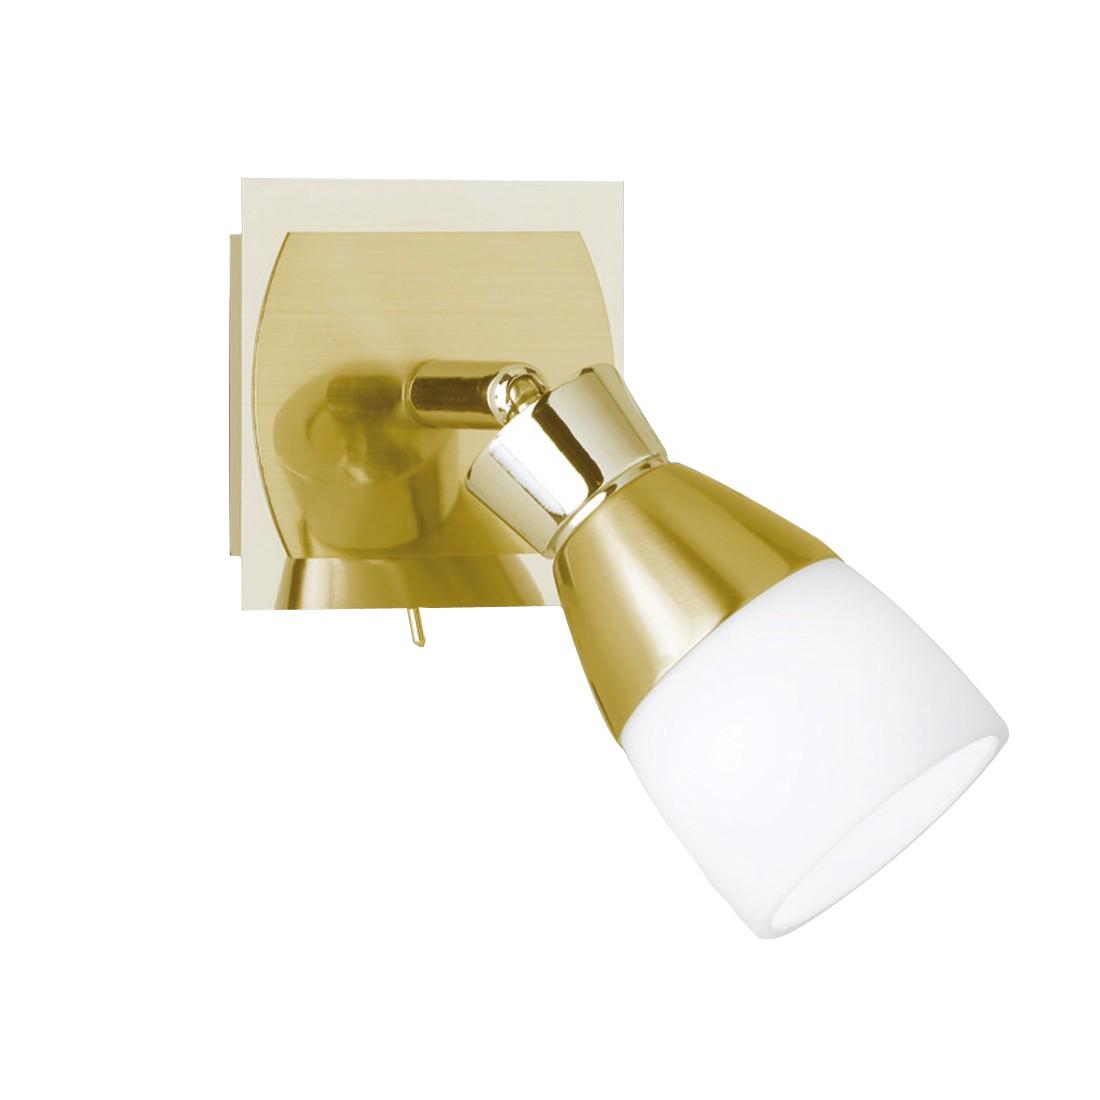 EEK A+, LED-Wandstrahler - Metall - Gold, Paul Neuhaus